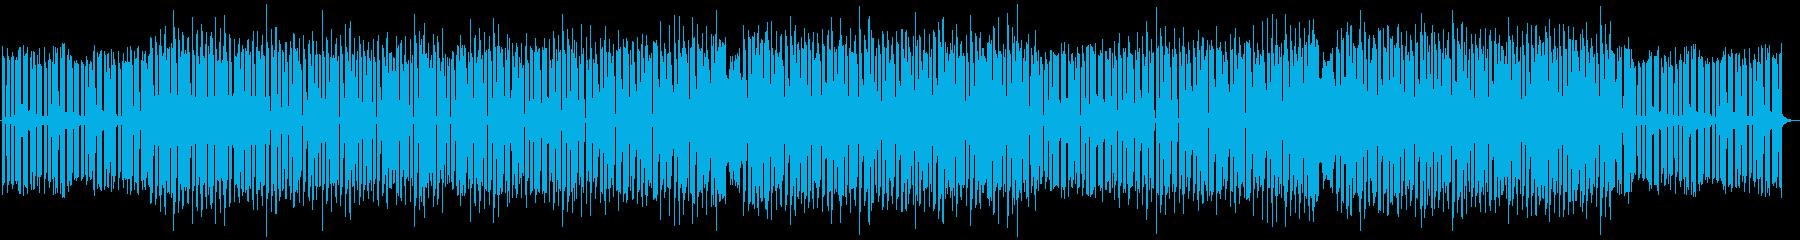 明るく前向きで軽快なハウス・エレクトロの再生済みの波形